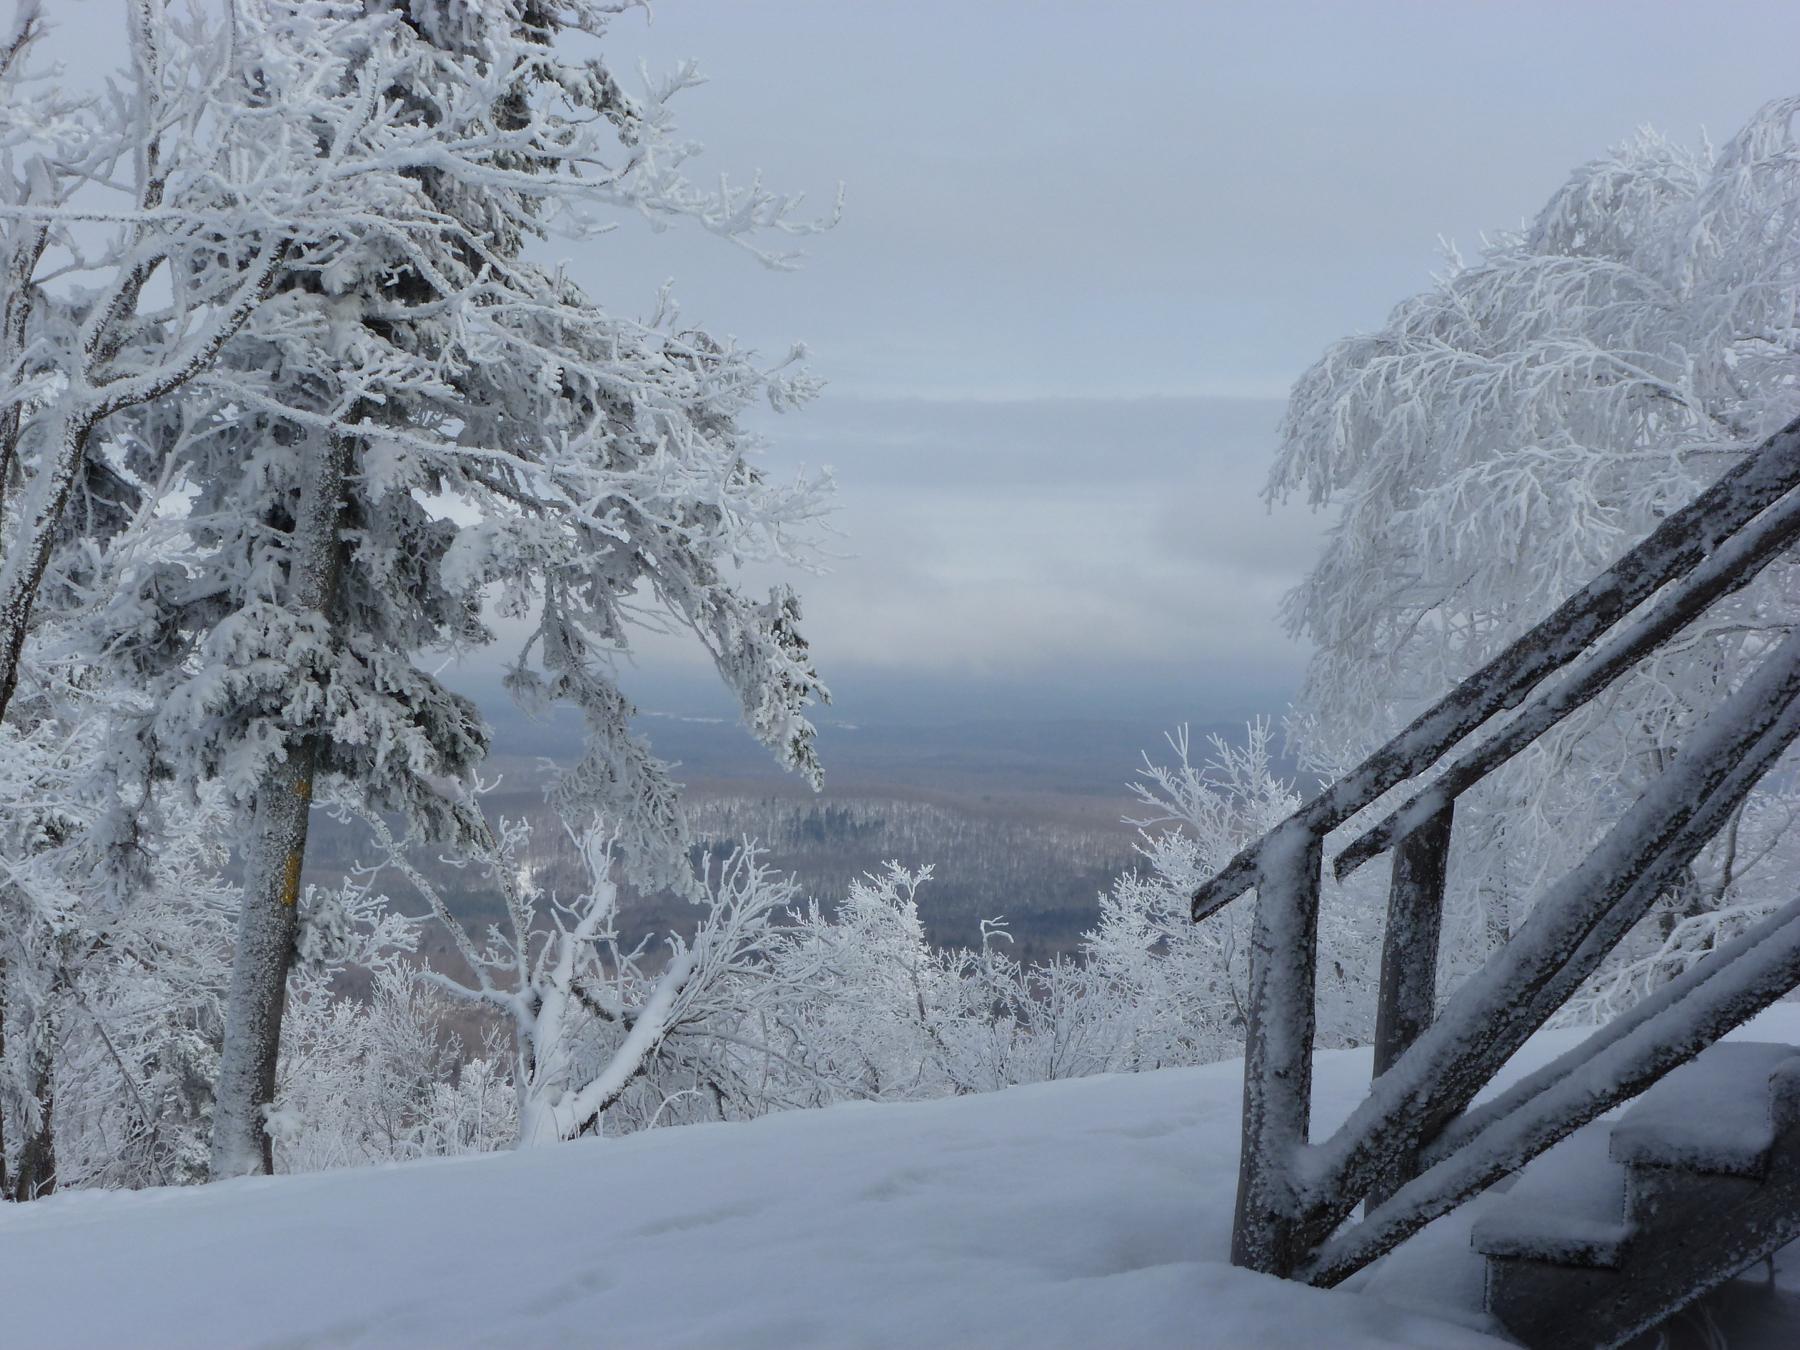 parc-montagne-du-diable-paysage-00195_1800x1350